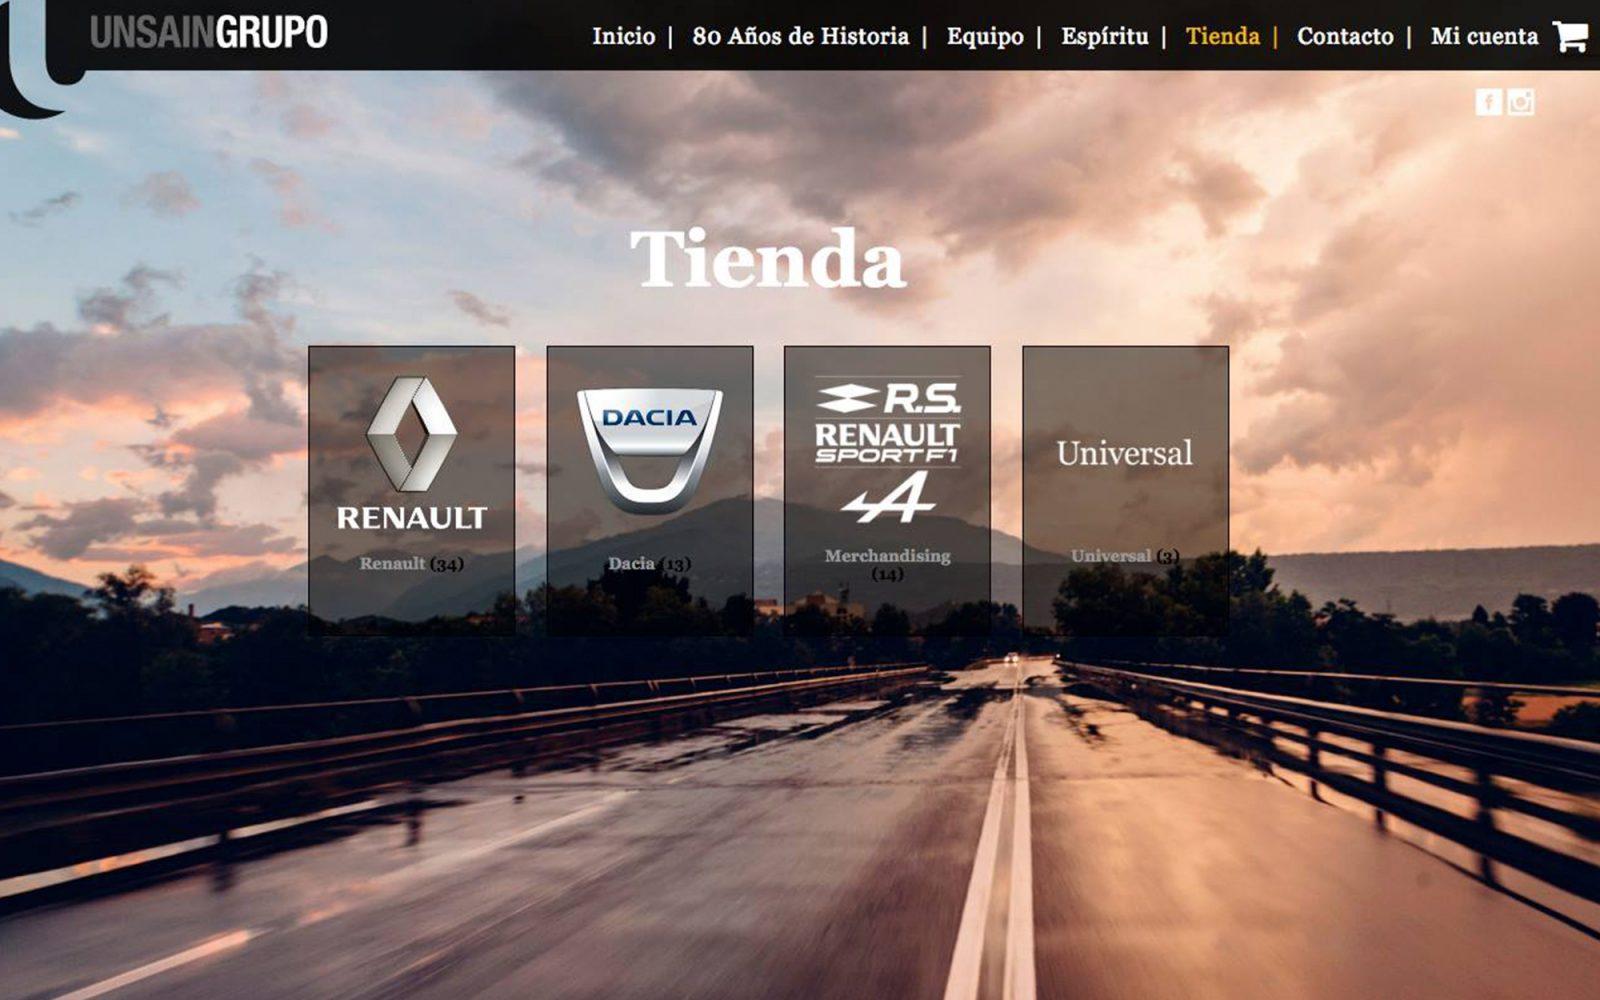 Tienda online de Grupo Unsain